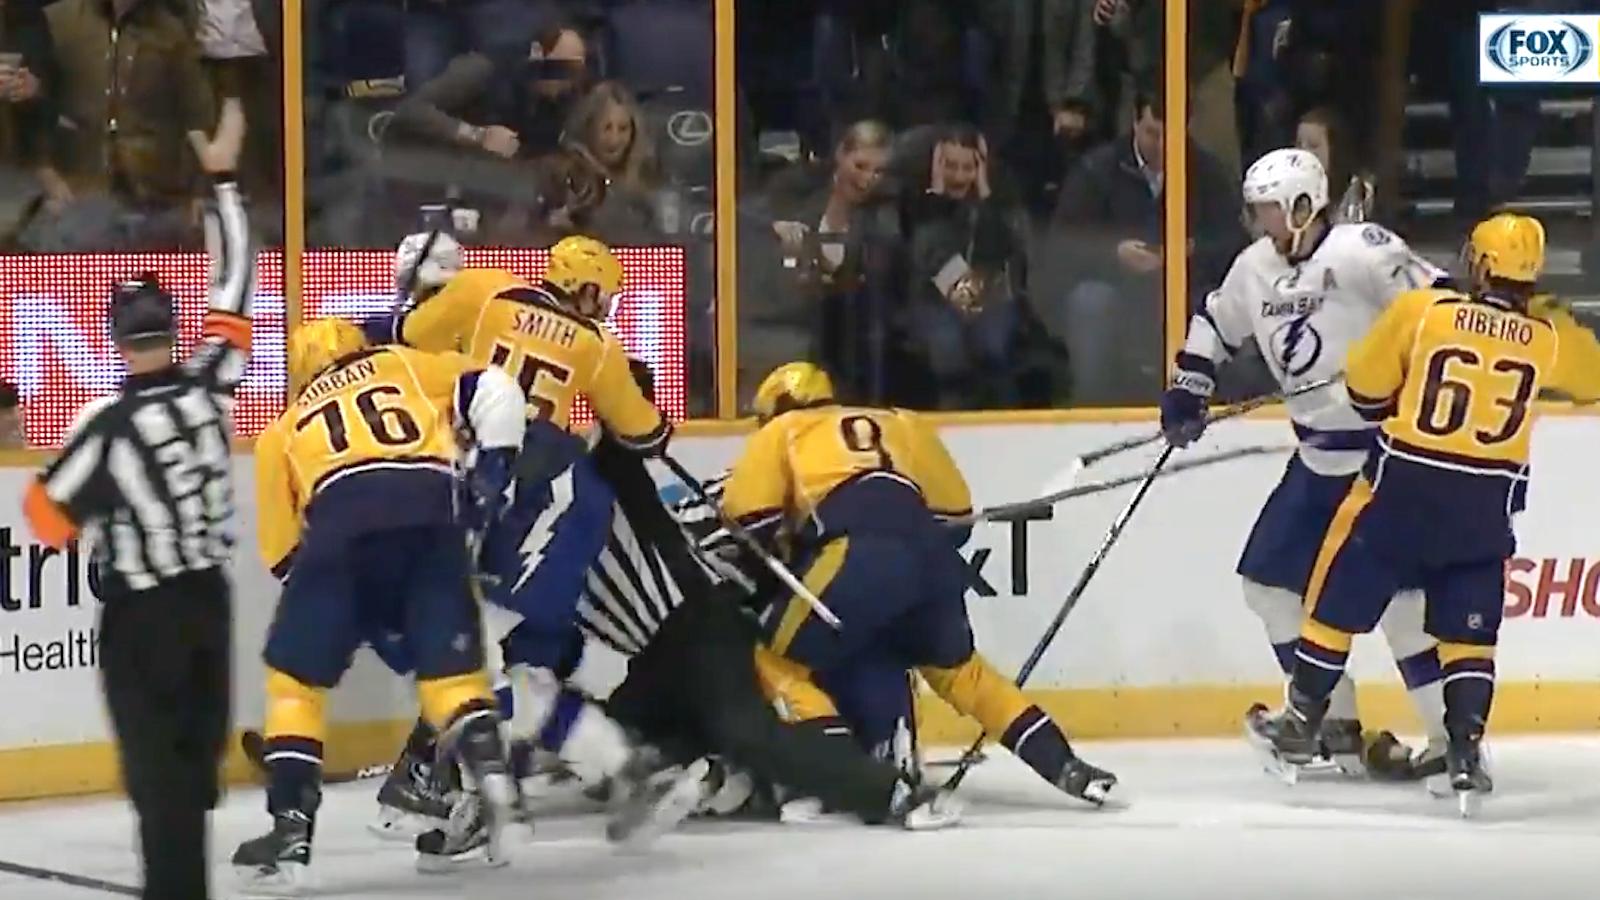 The Predators and Lightning brawled after a nasty blindside hit